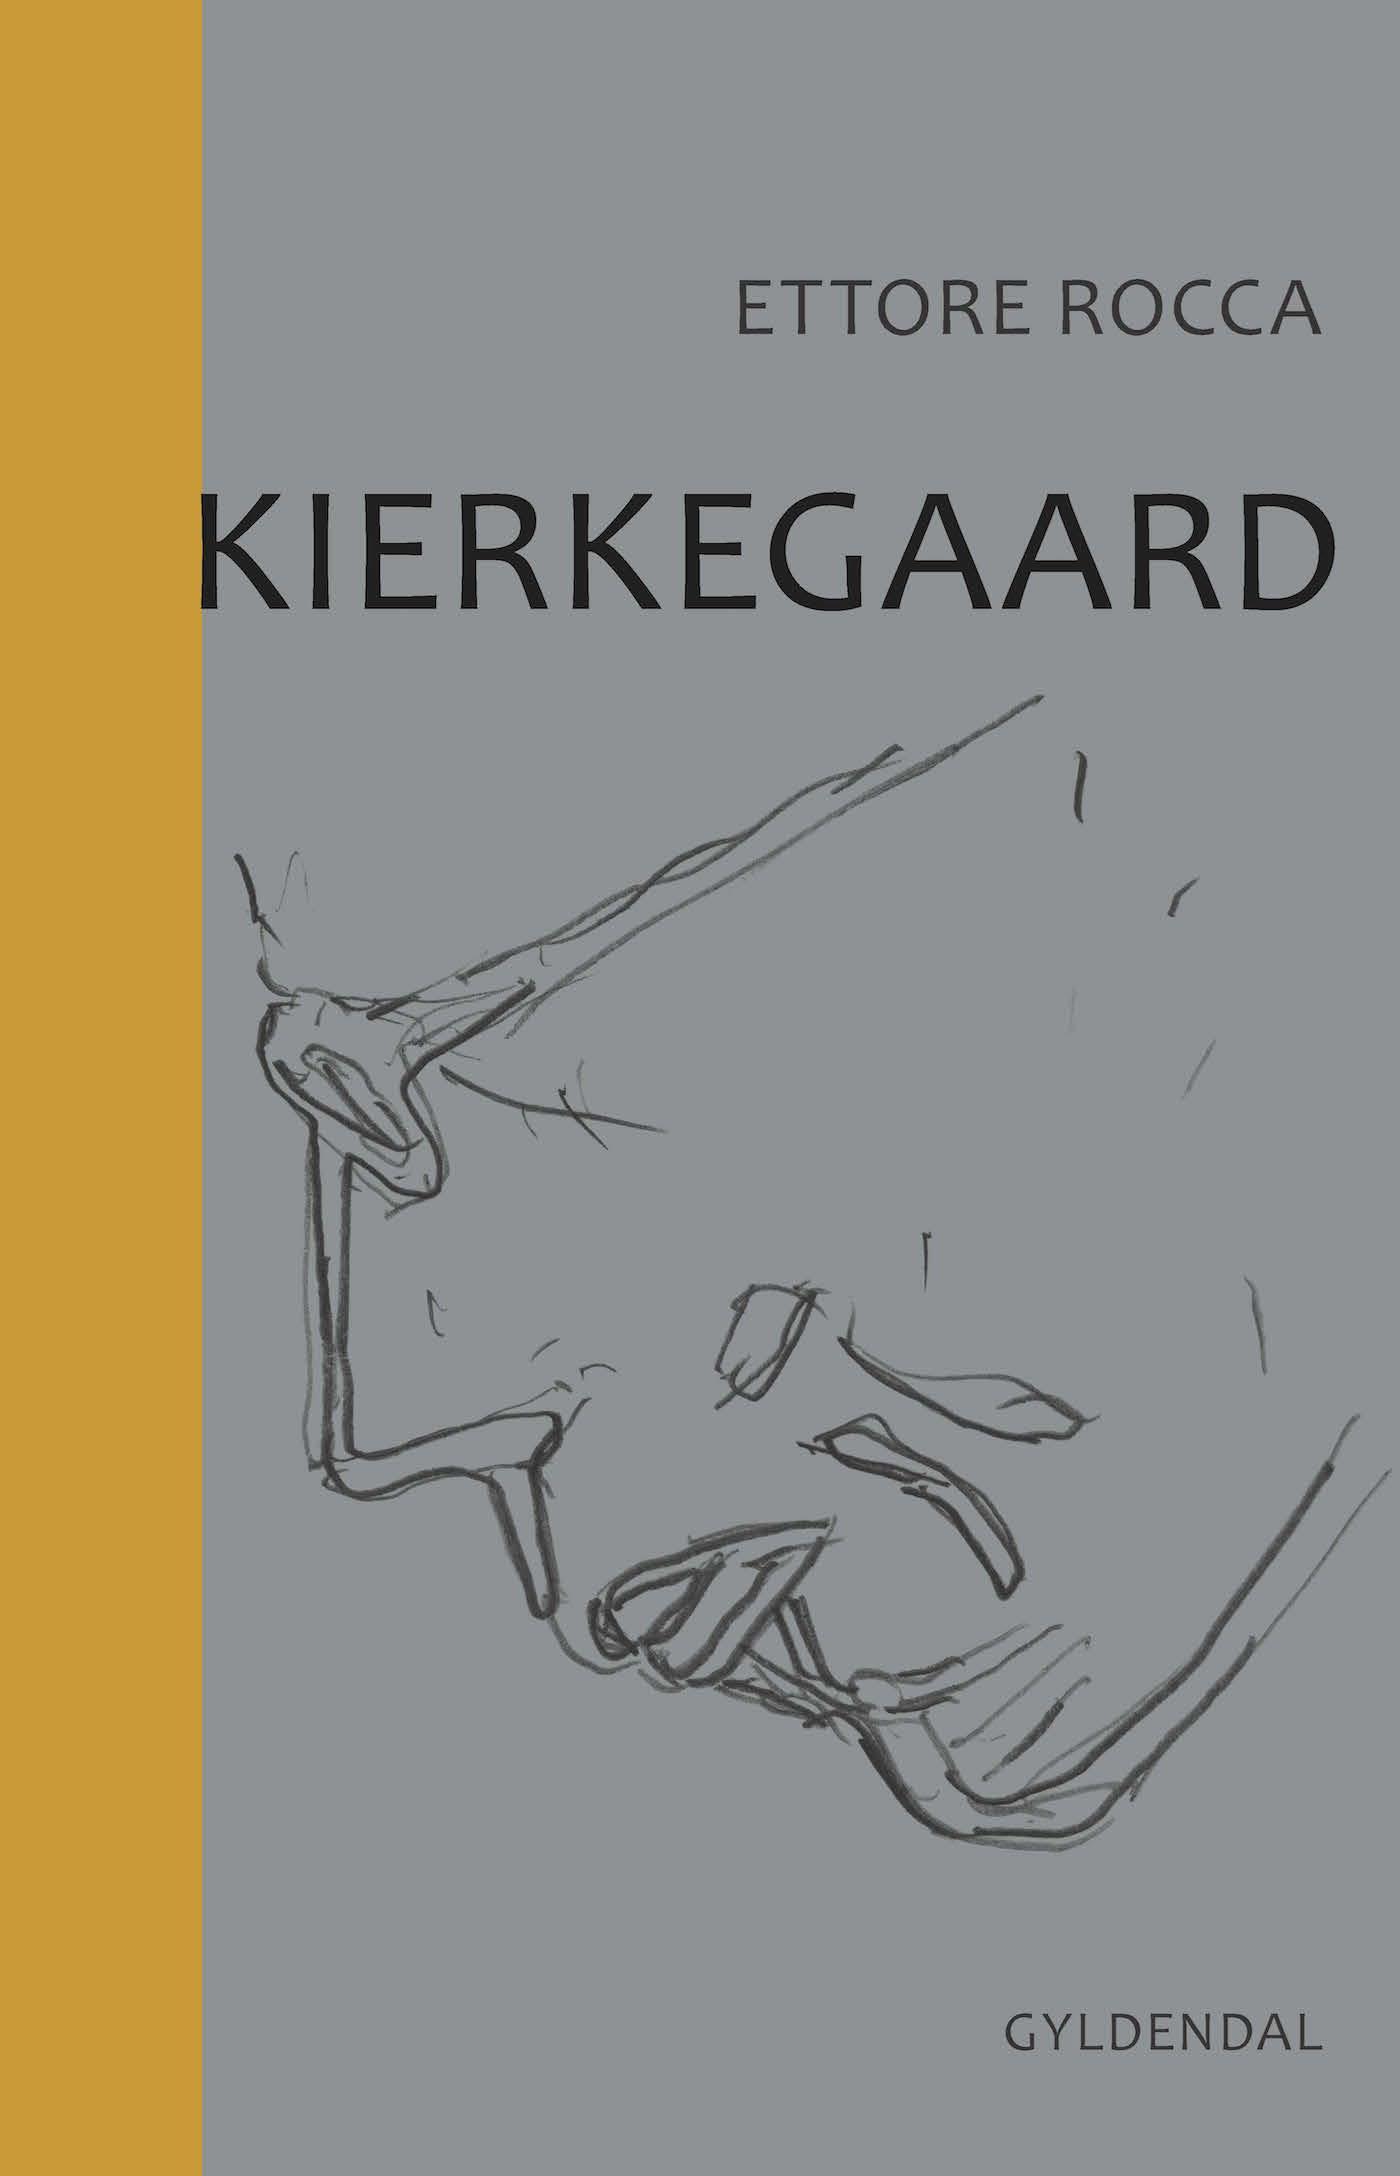 Kierkegaard - e-bog fra N/A på bog & mystik